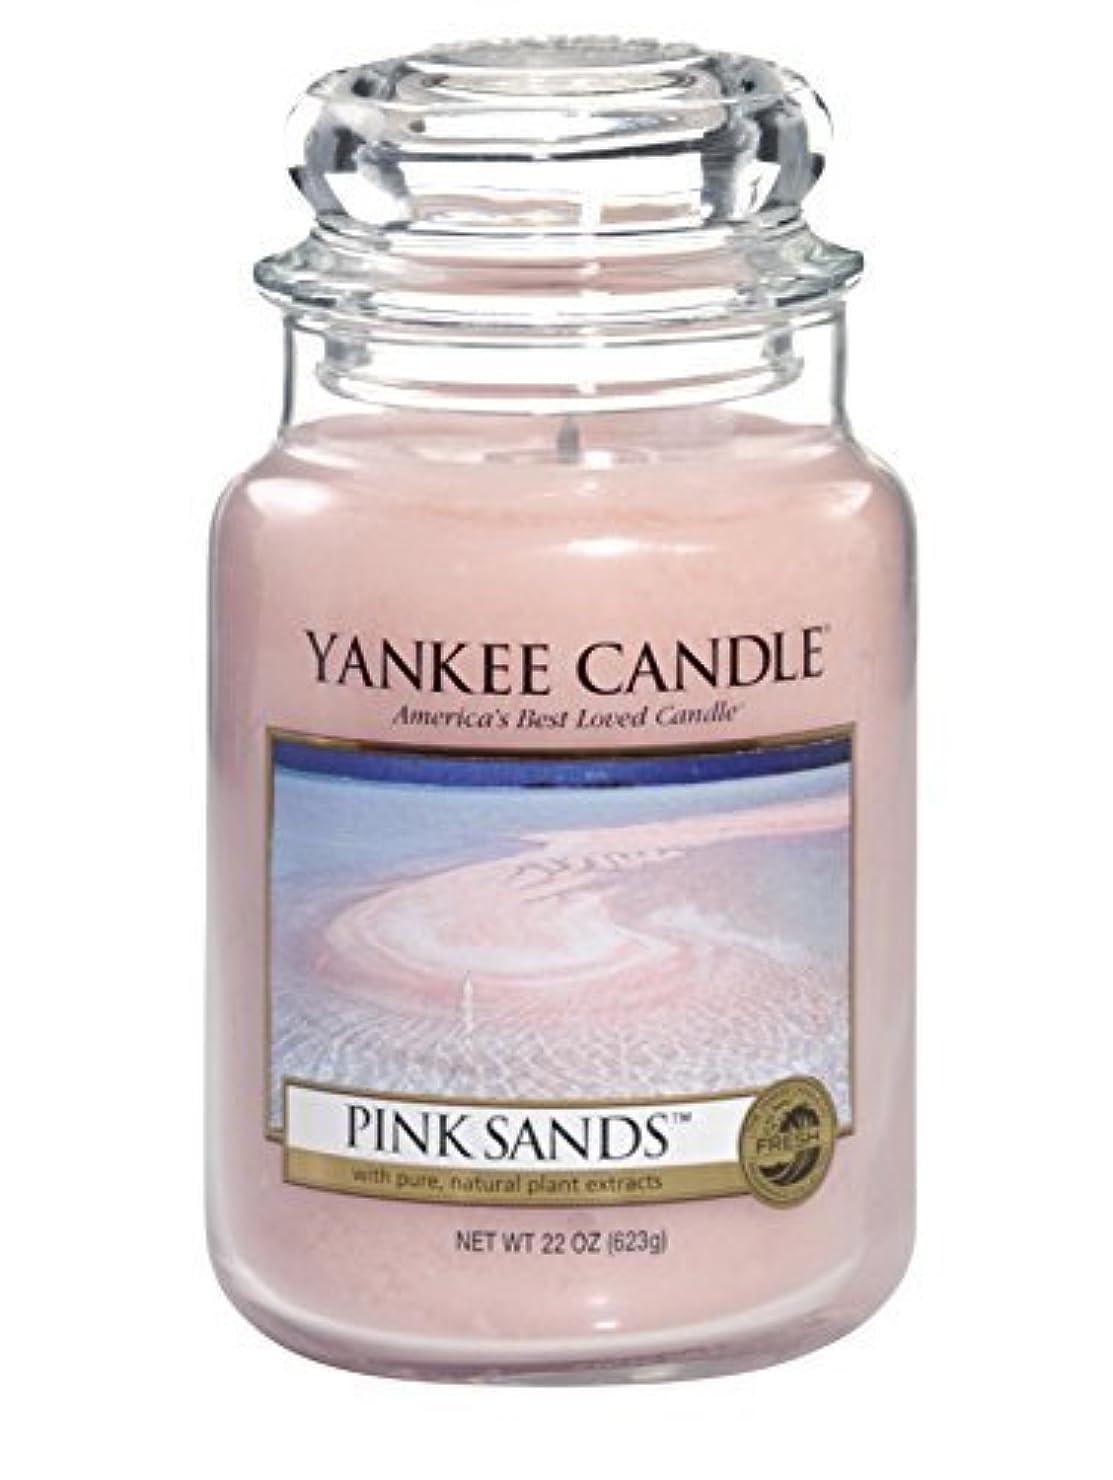 結婚する食事を調理する遺棄されたYankee Candle Pink Sands Large Jar 22oz Candle by Amazon source [並行輸入品]